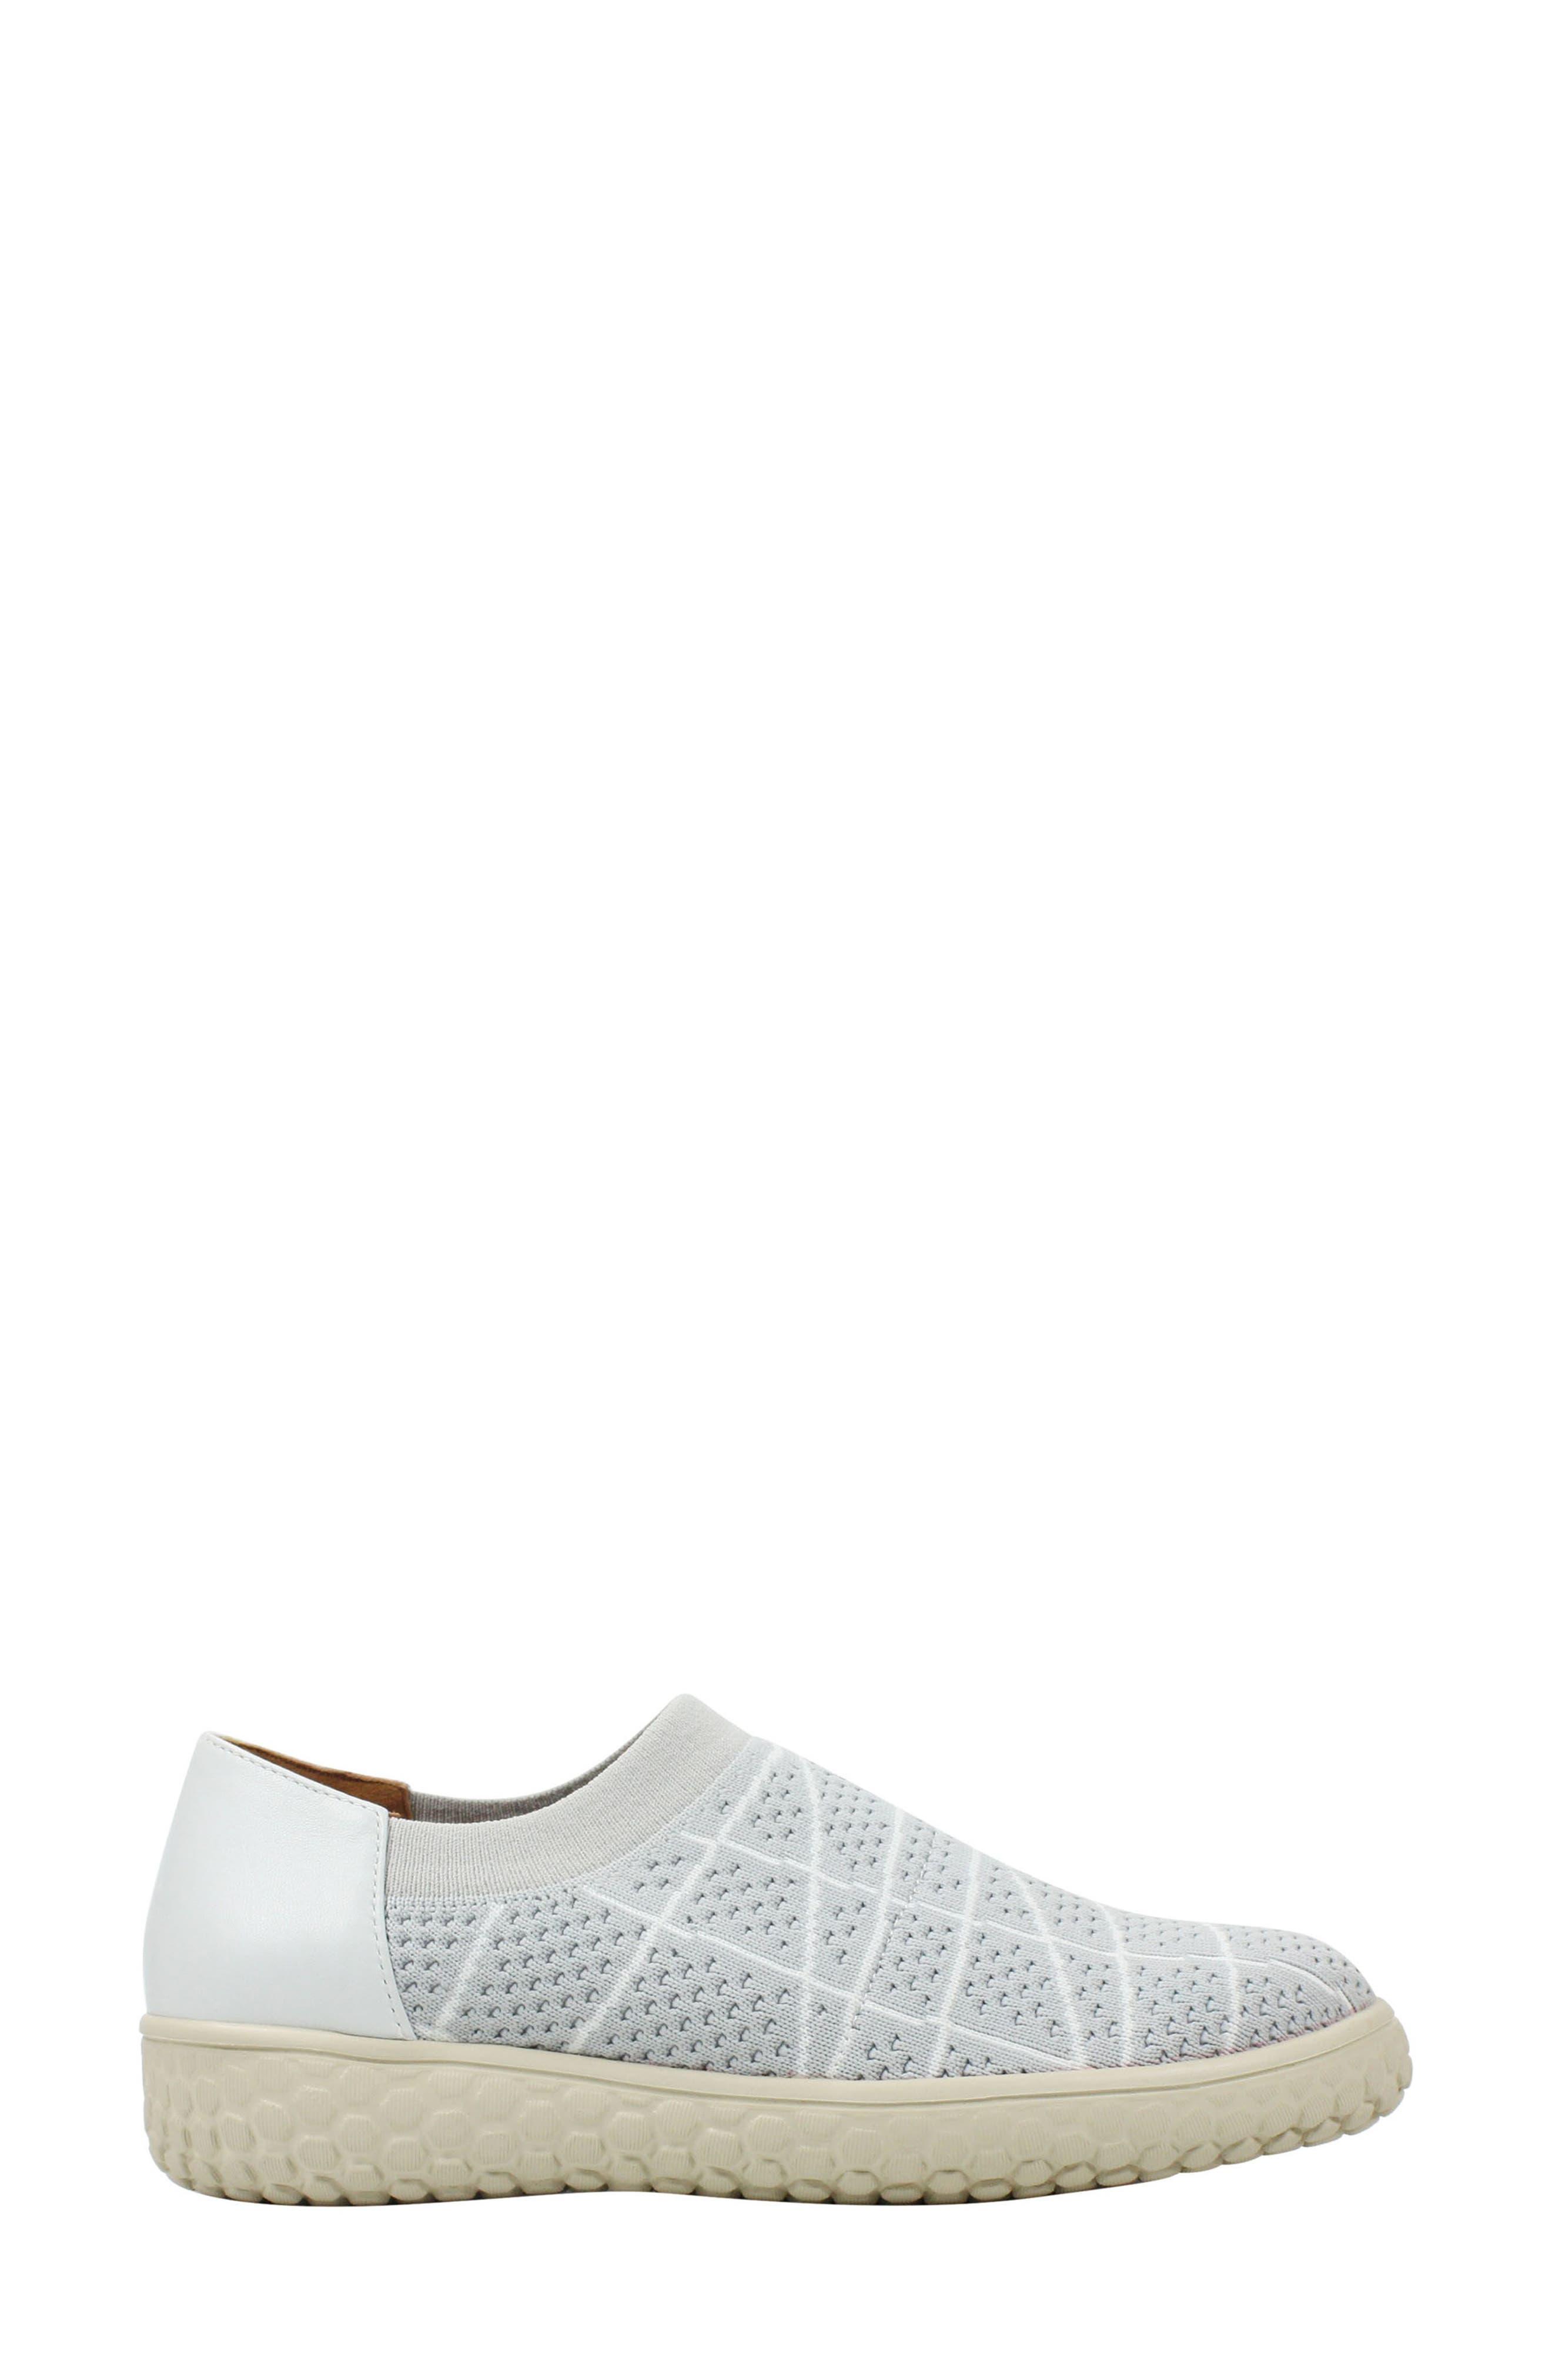 Zohndra Slip-On Sneaker,                             Alternate thumbnail 3, color,                             Beige Fabric